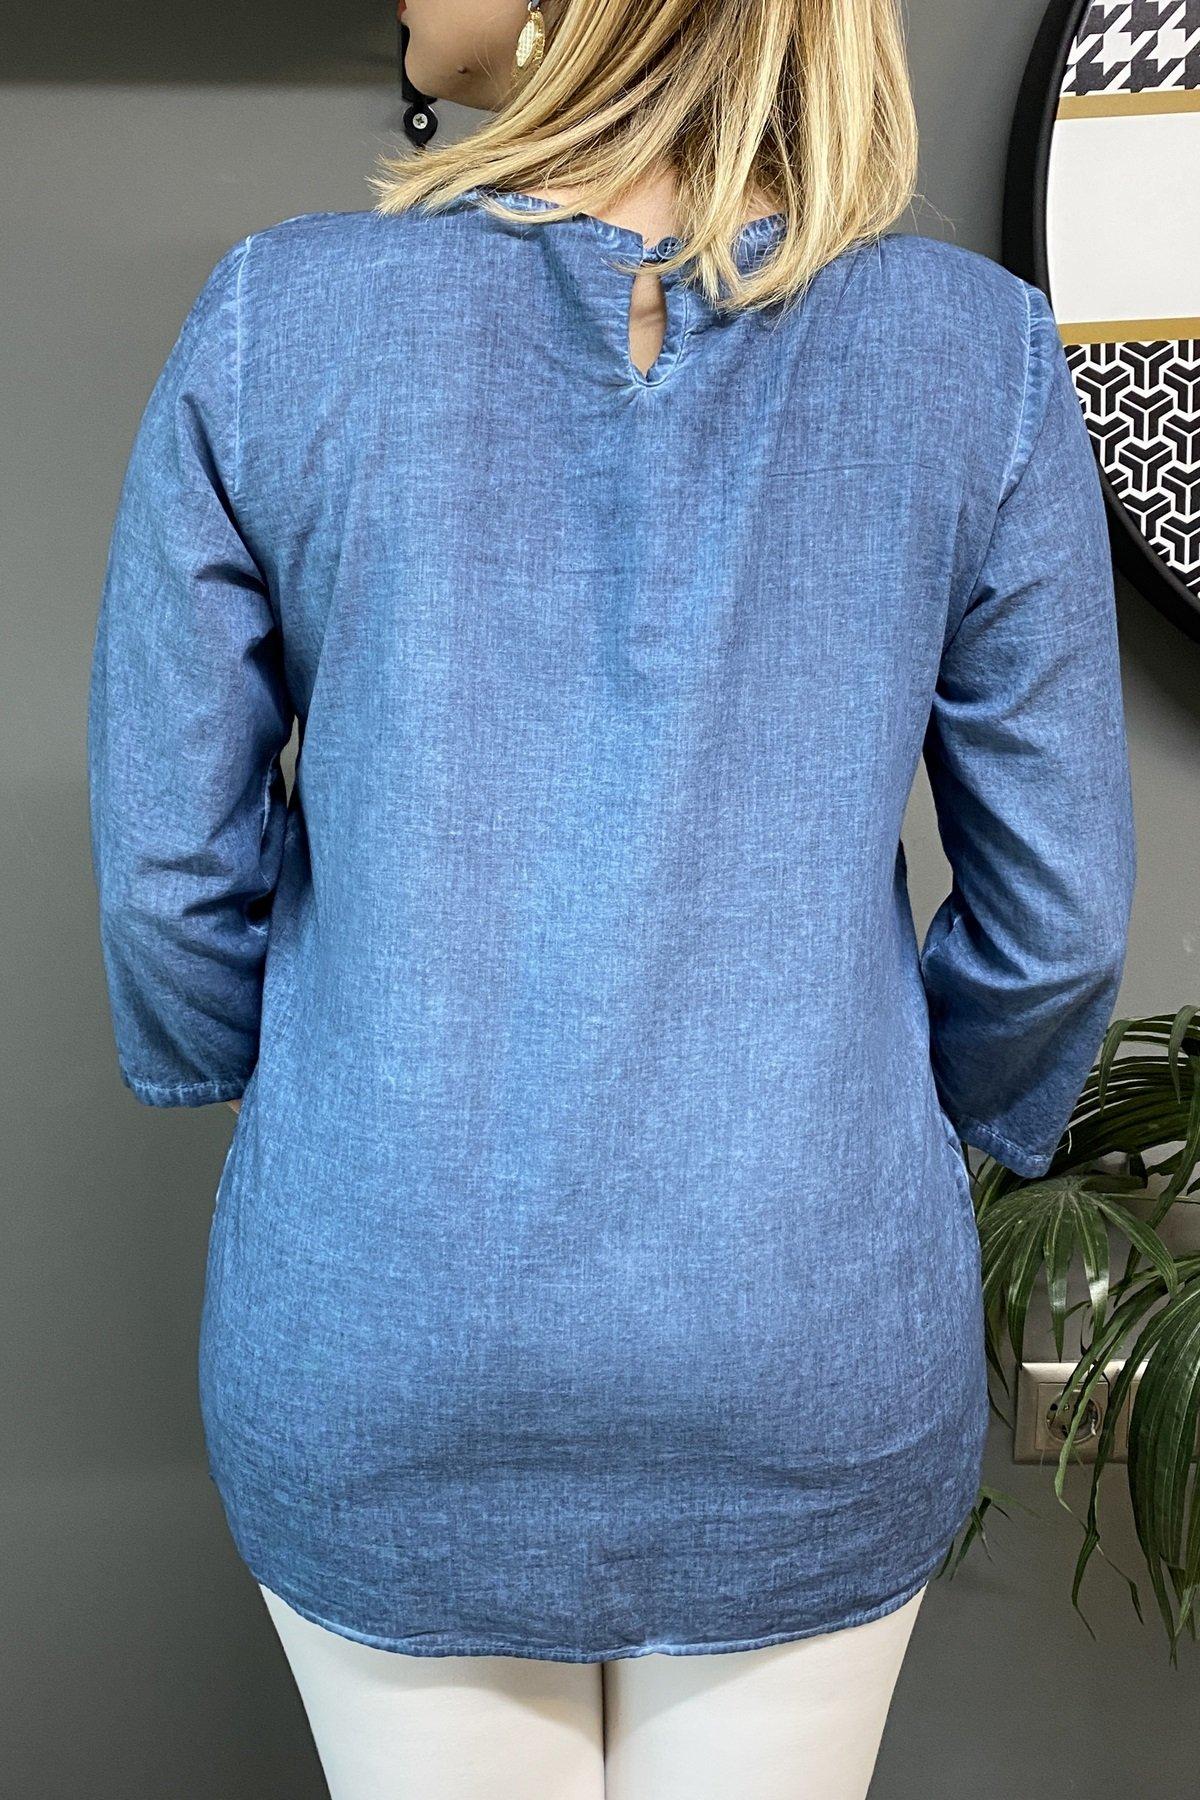 Etek Ucu Çiçekli Üstü Dantel Ense Tek Düğmeli Bluz